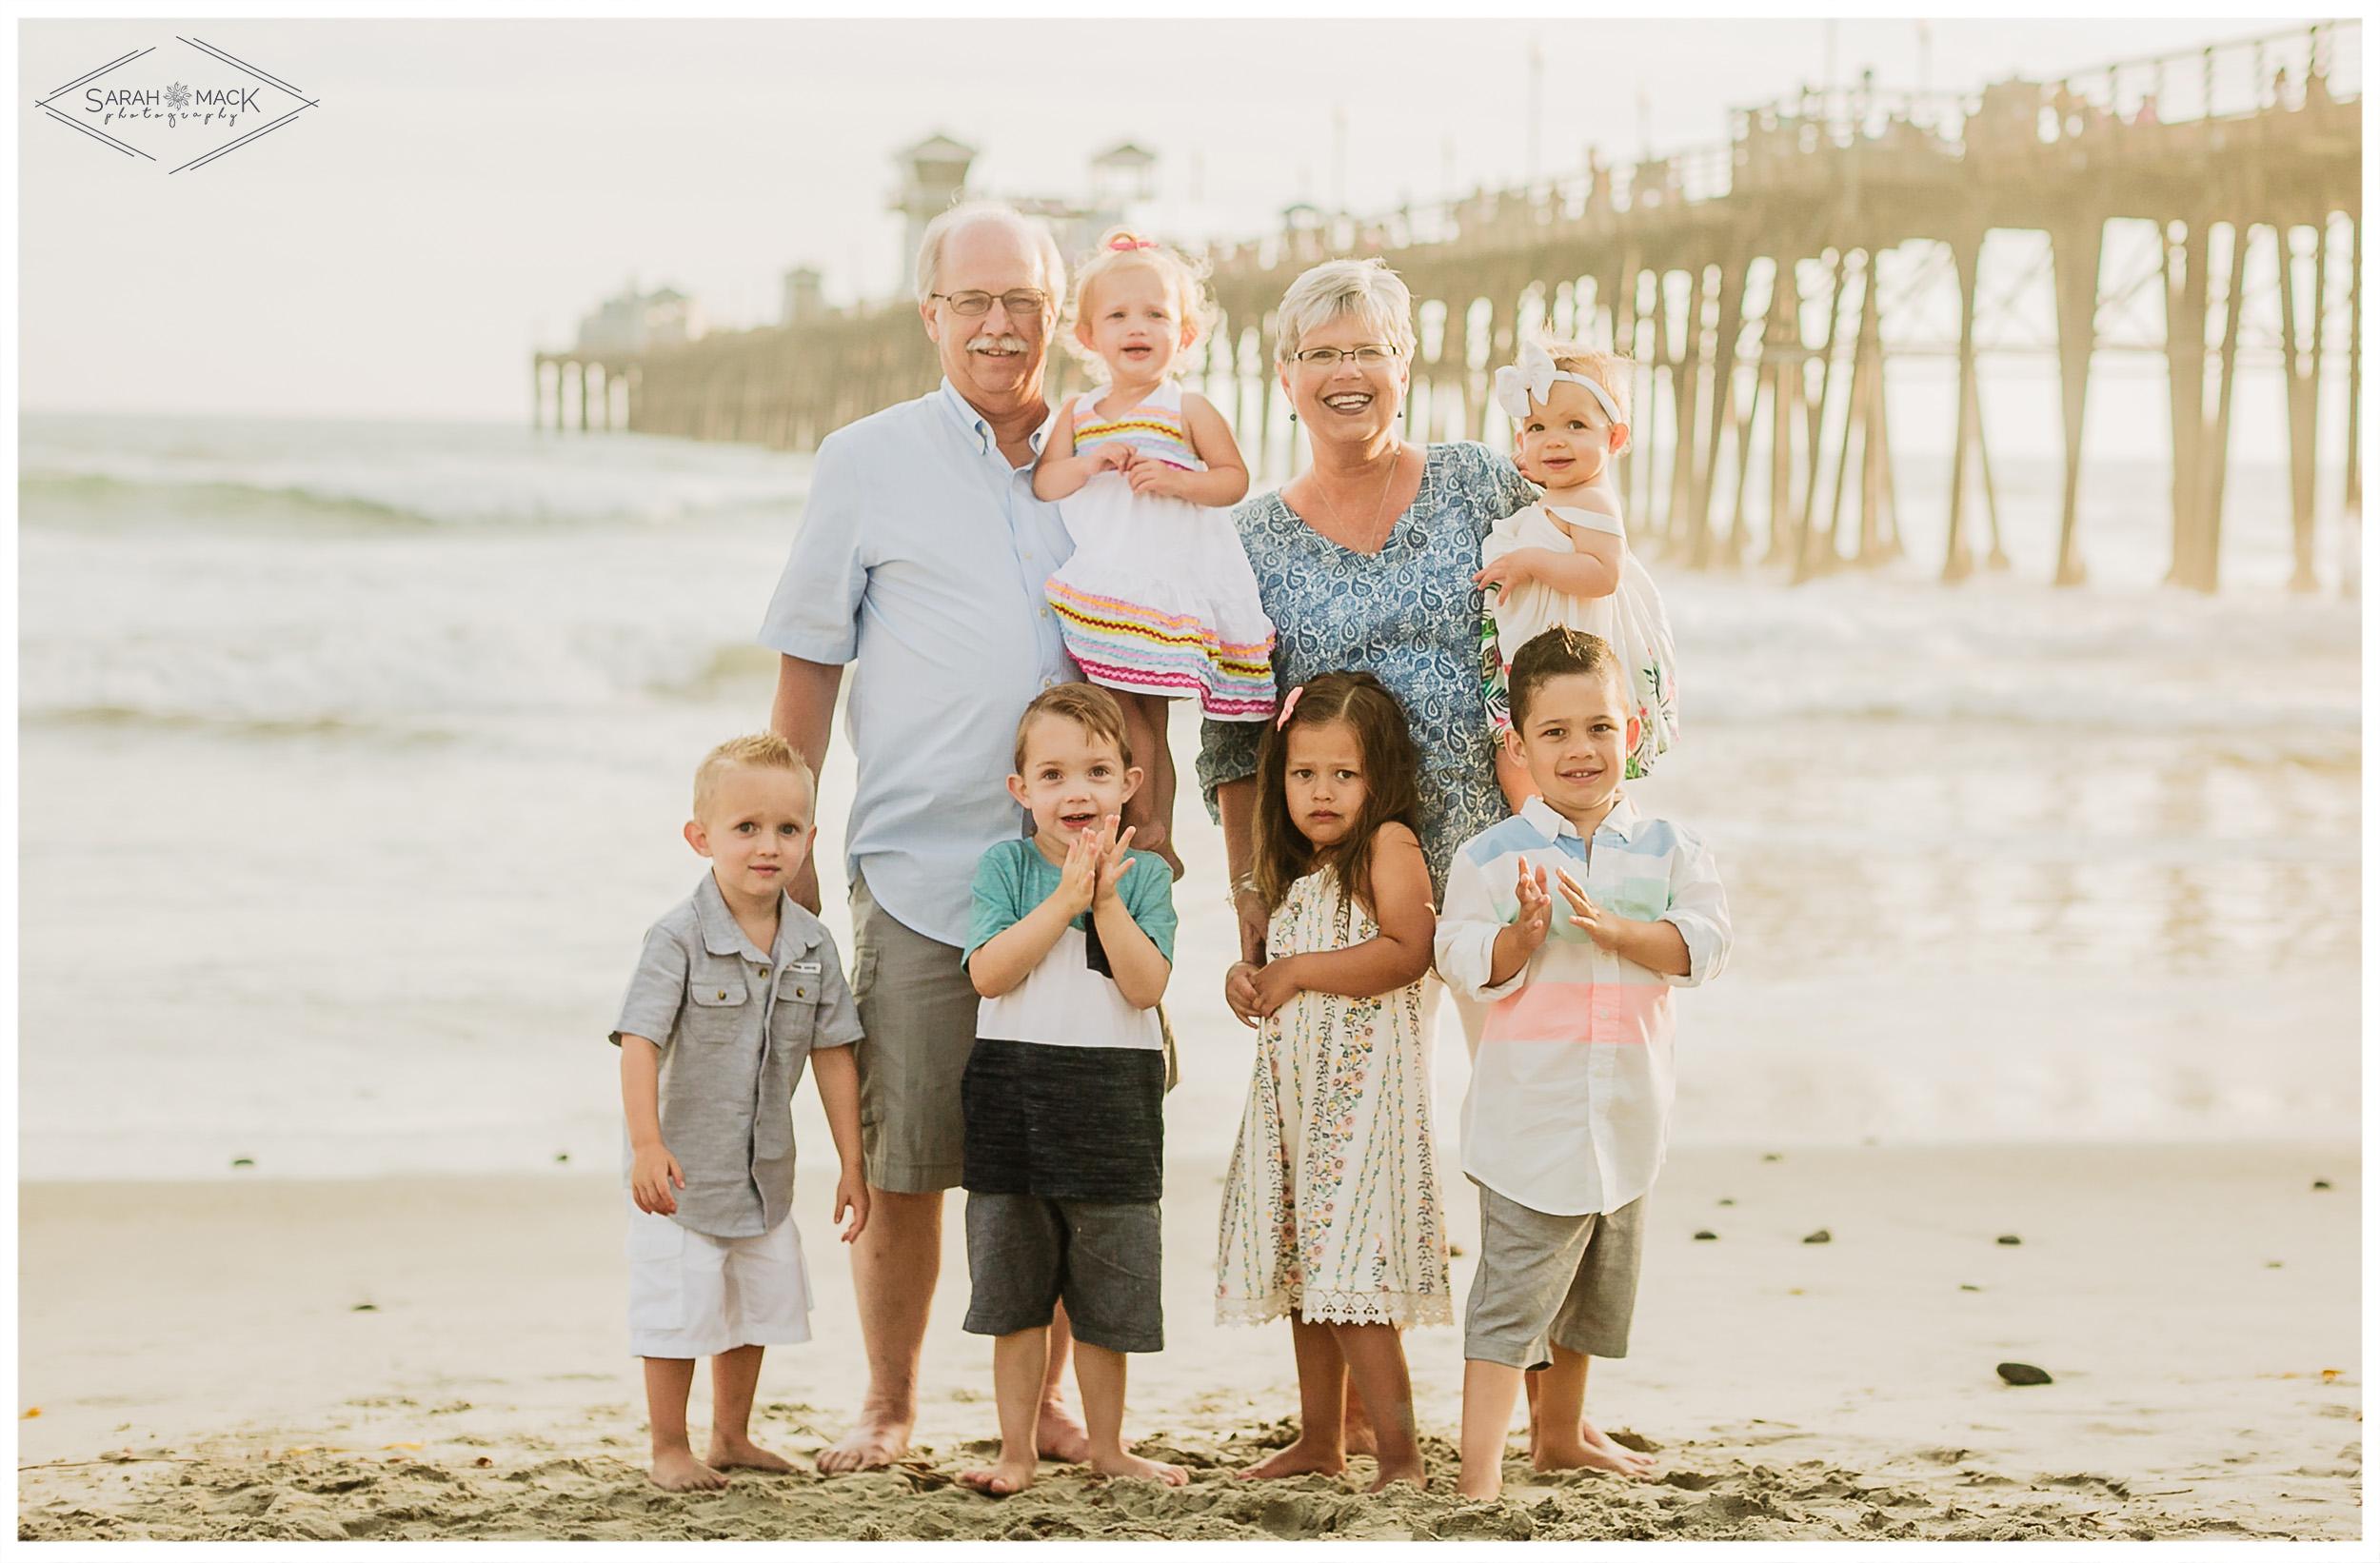 BP-Orange-County-Family-Photography-Oceanside-Pier-7.jpg